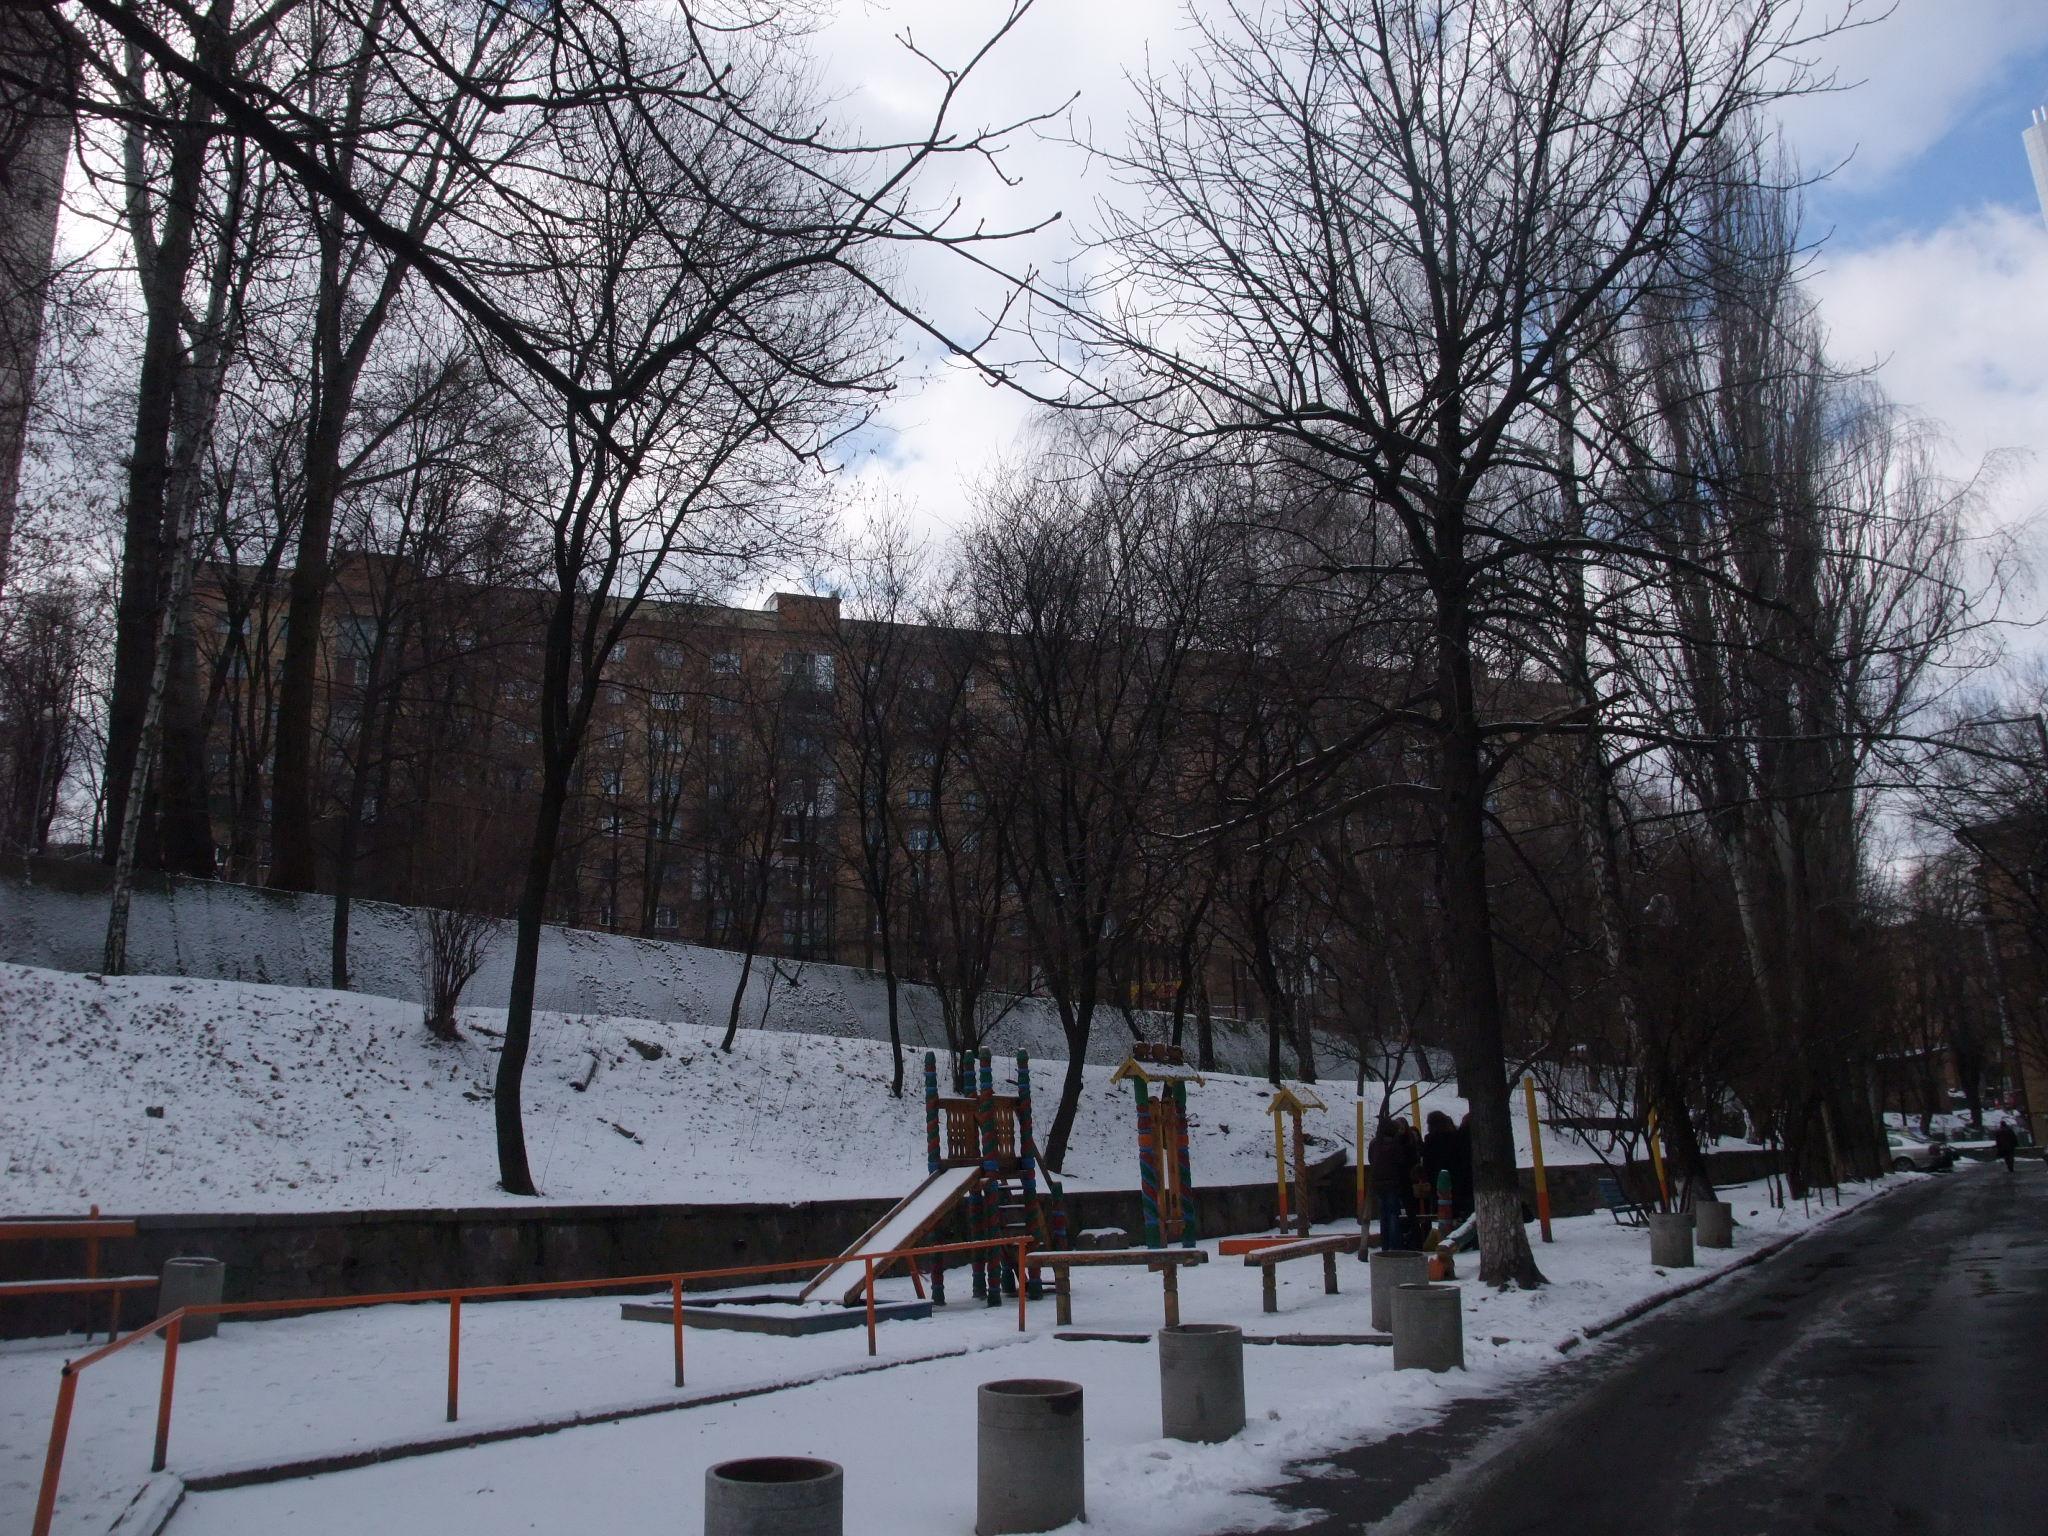 Dette er bygningen jeg bodde i, sett nedenfra nær Klovska metrostasjon, Kiev